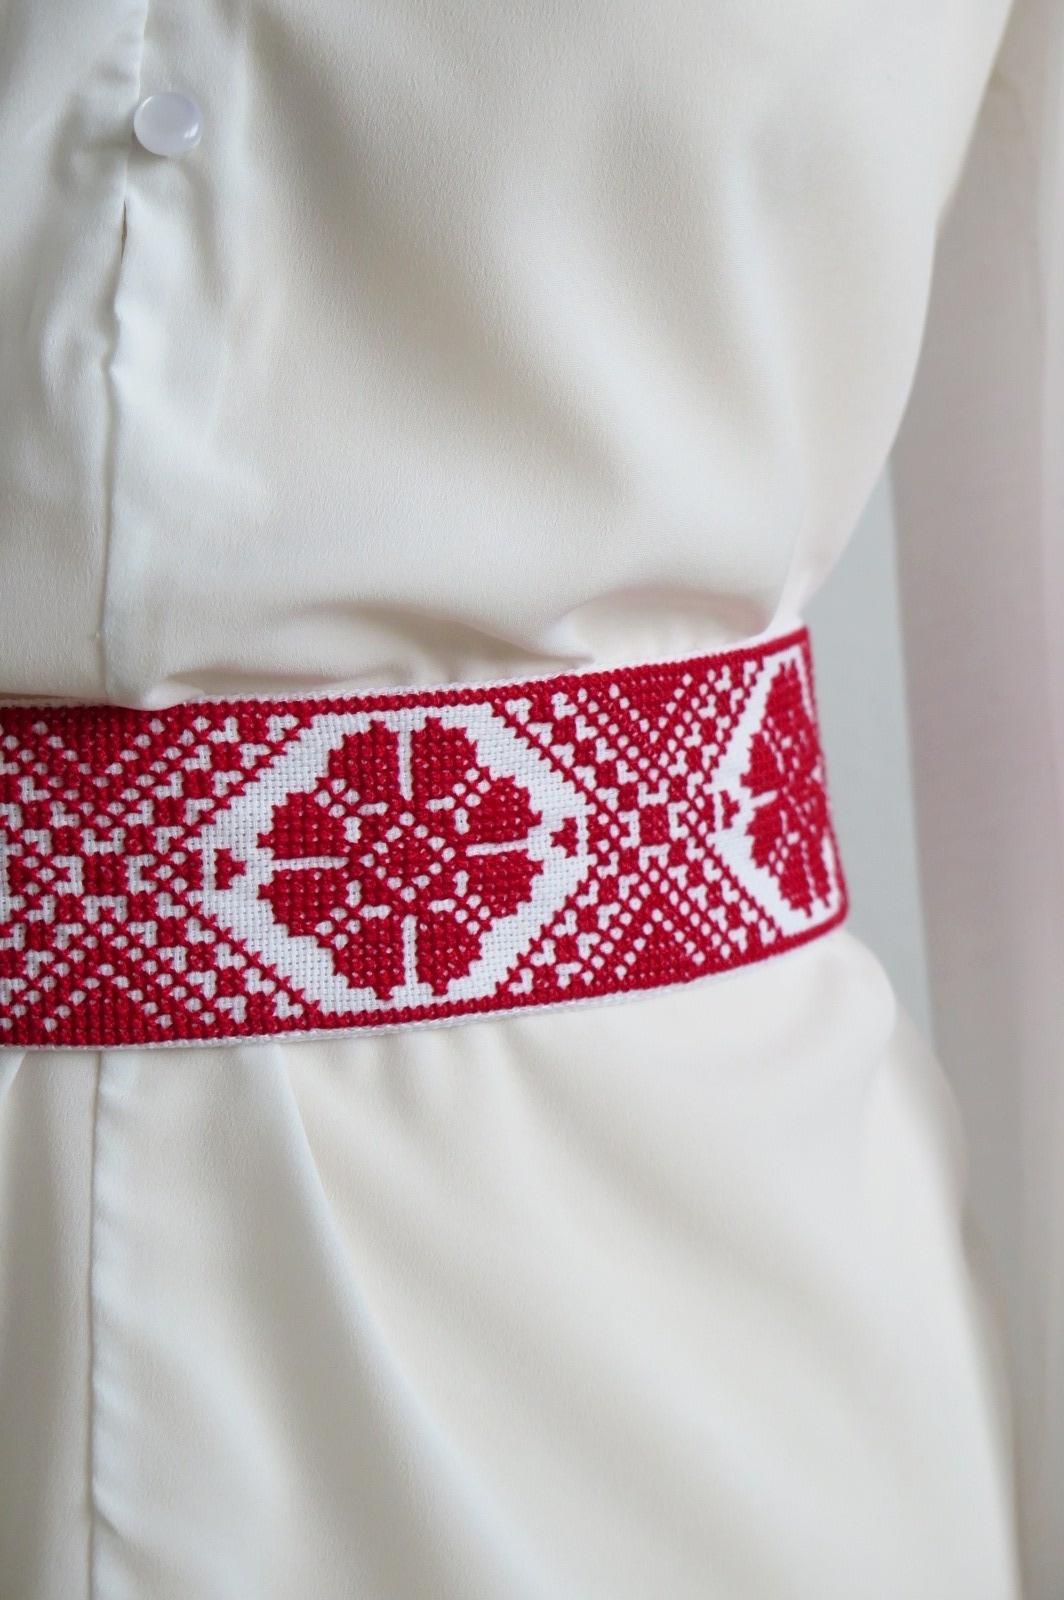 24959db6c vyšívaný opasok / Zboží prodejce fioreLino handmade   Fler.cz